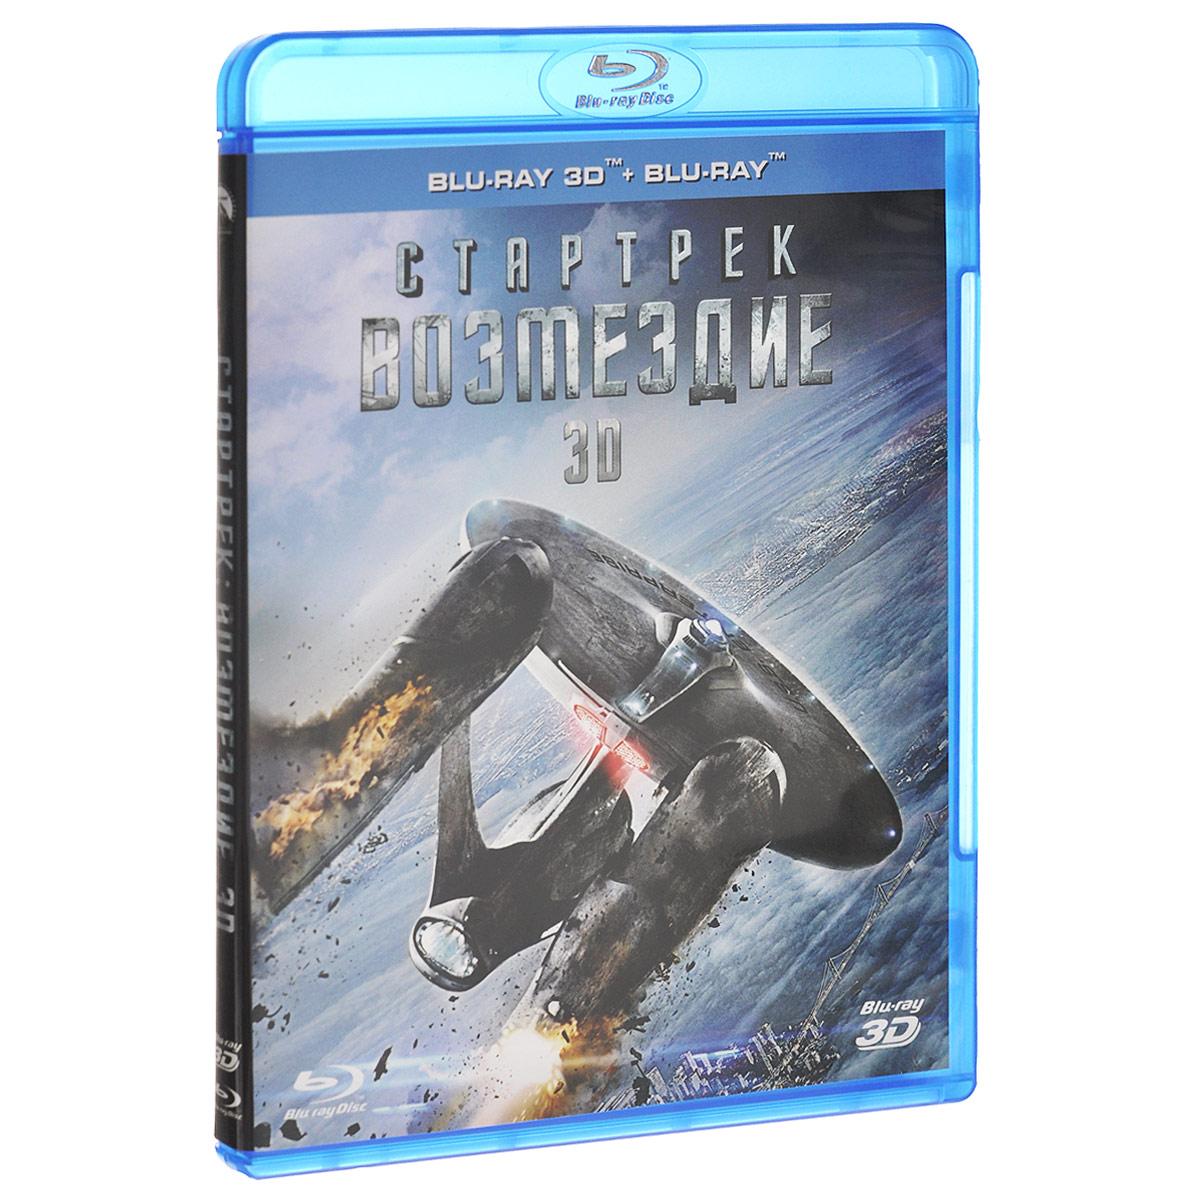 Стартрек: Возмездие 3D и 2D (2 Blu-ray) стартрек бесконечность blu ray 3d 2d